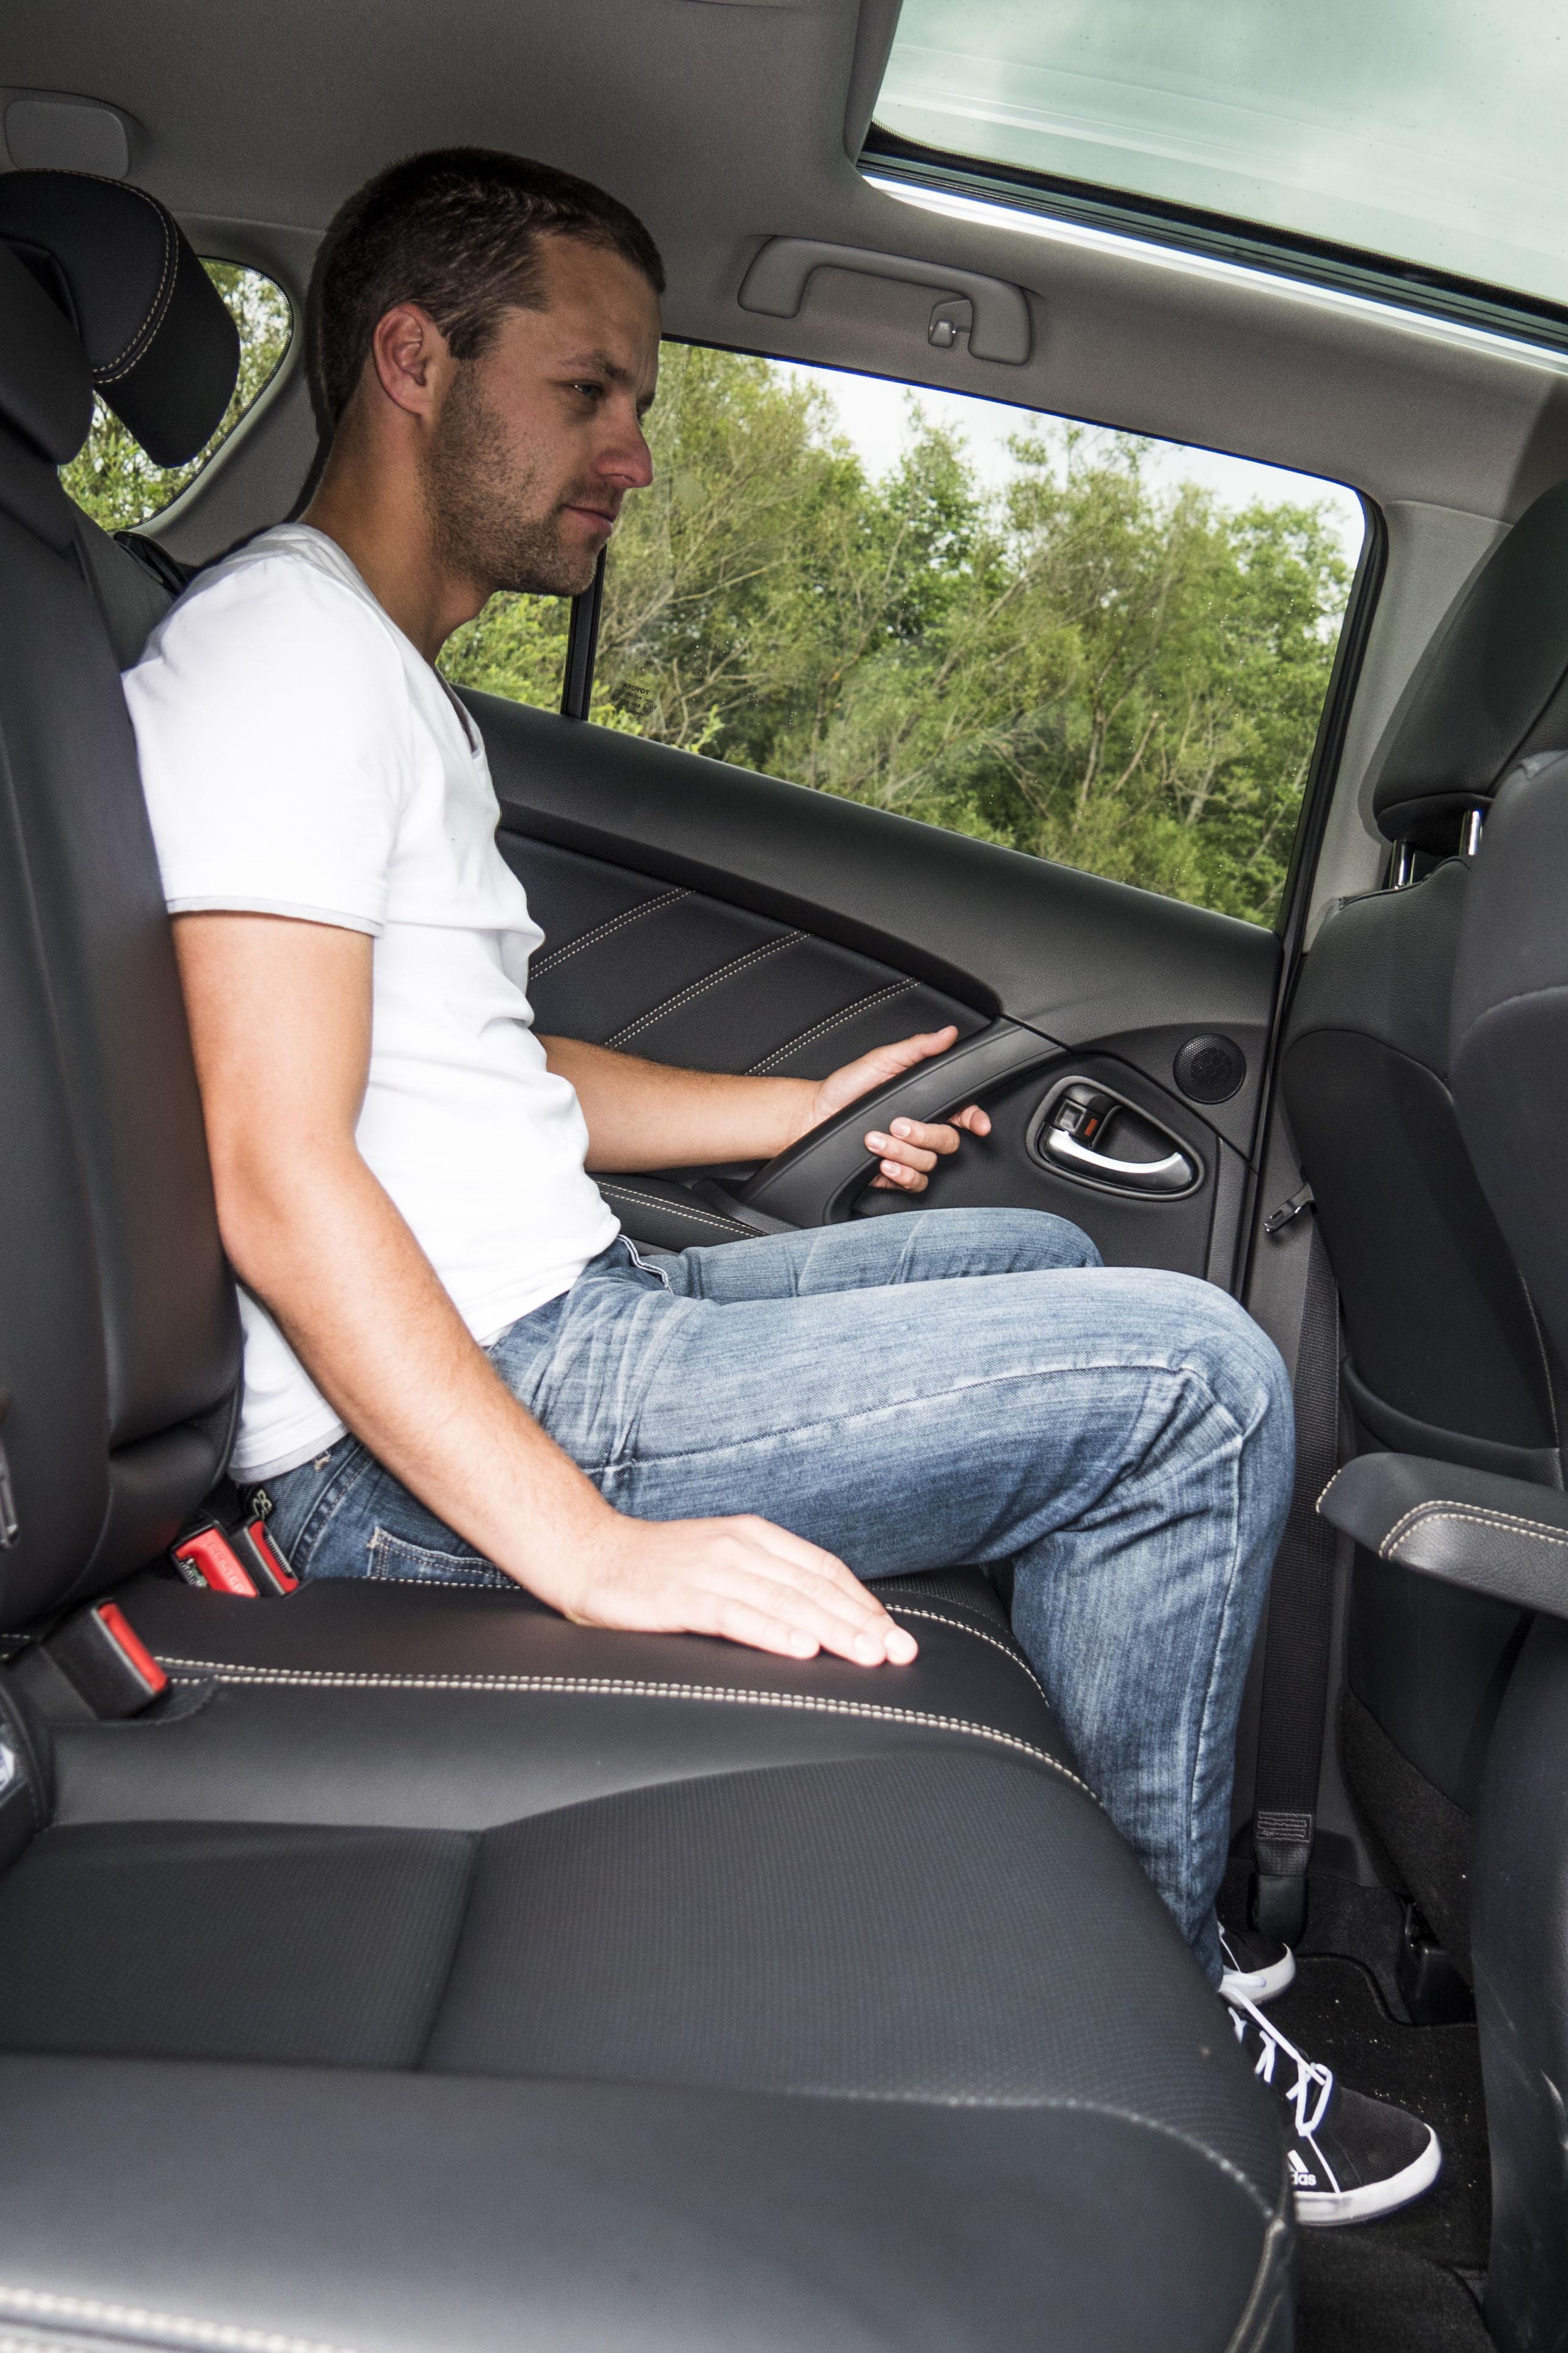 Miesta na sedenie vzadu je primerane. Pri otvorení lakťovej opierky však dostane pasažier, sediaci vzadu v strede, úder do kolena.